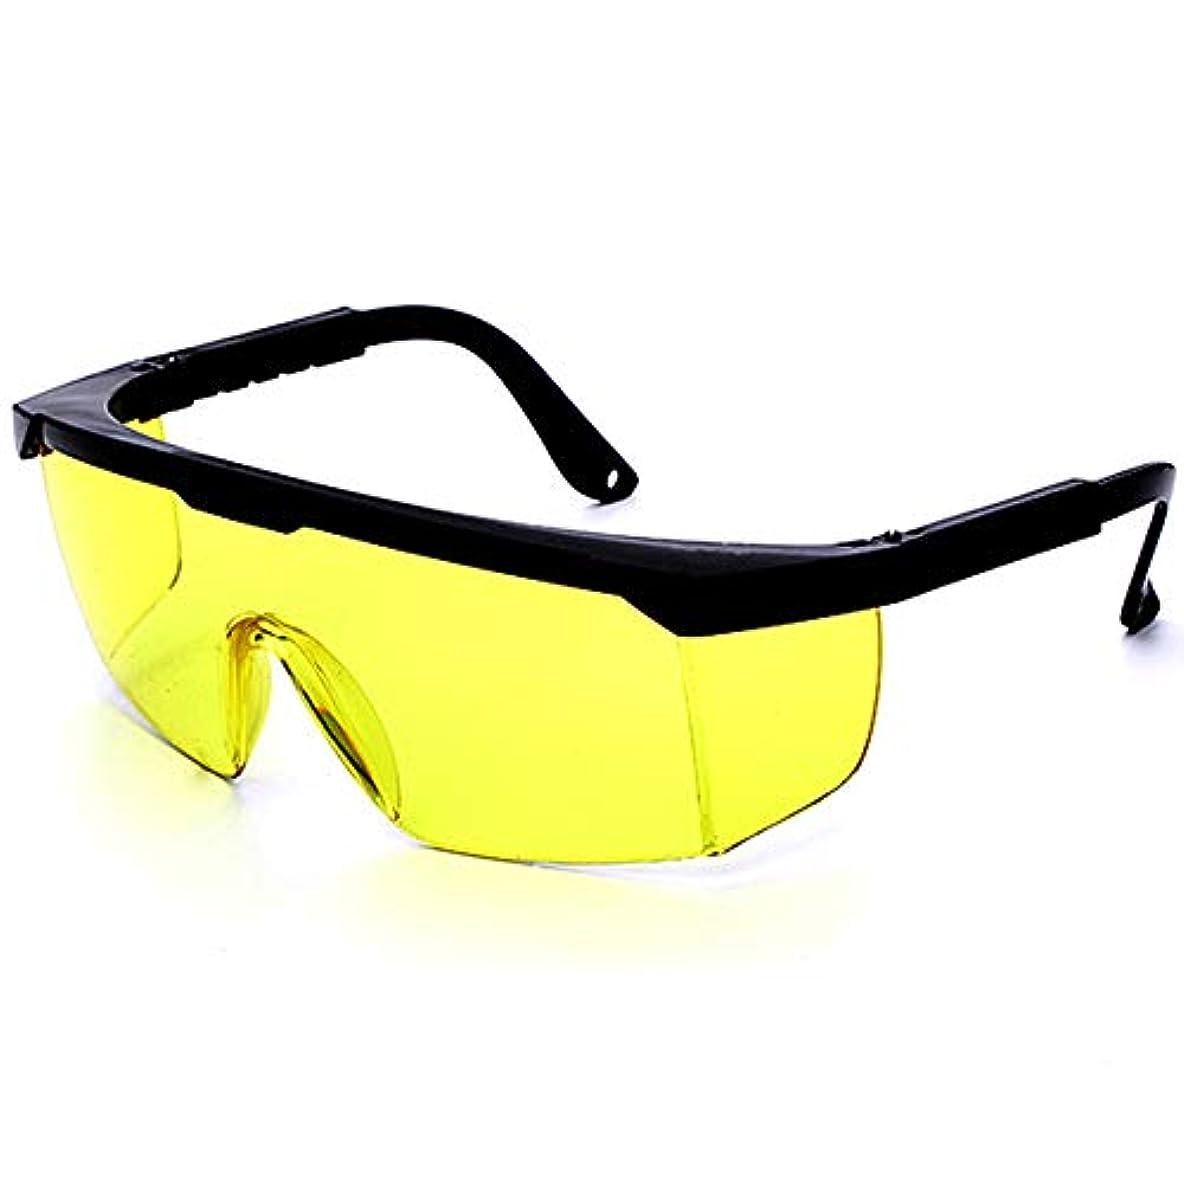 ステーキ障害サドルJiayaofu レーザー保護メガネIPL美容機器メガネレーザーペアIPLメガネ、安全メガネ